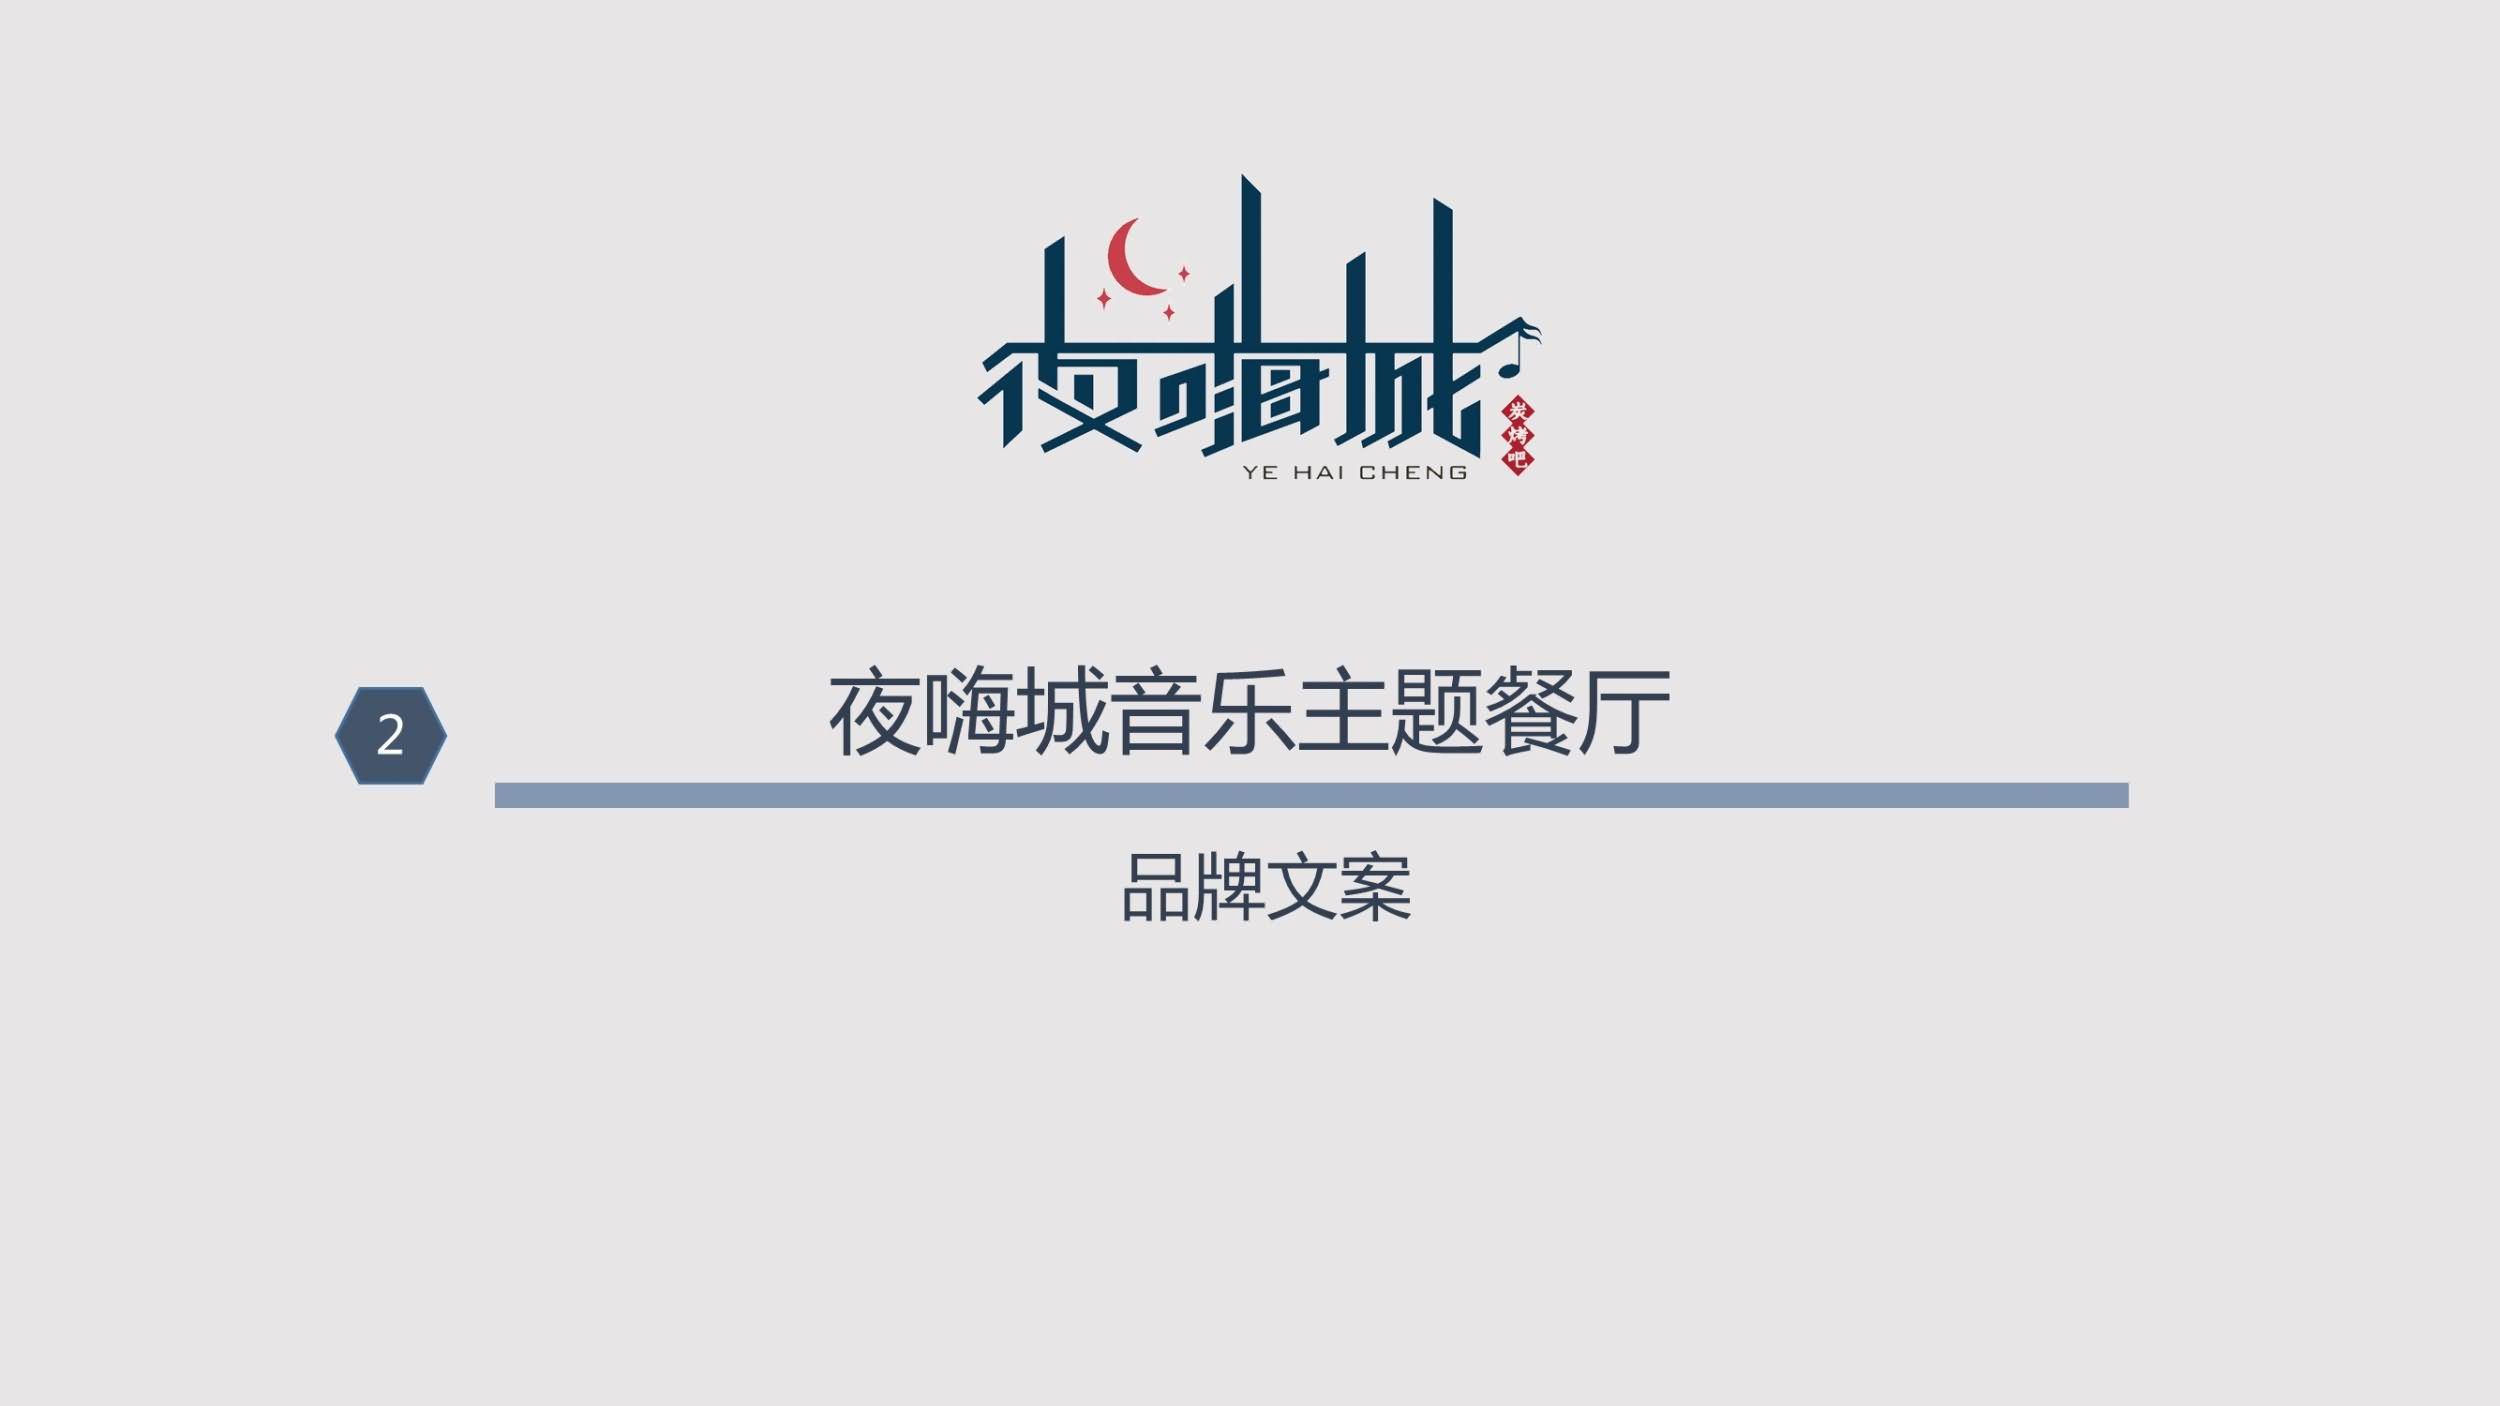 香港樂源餐飲集團有限公司7